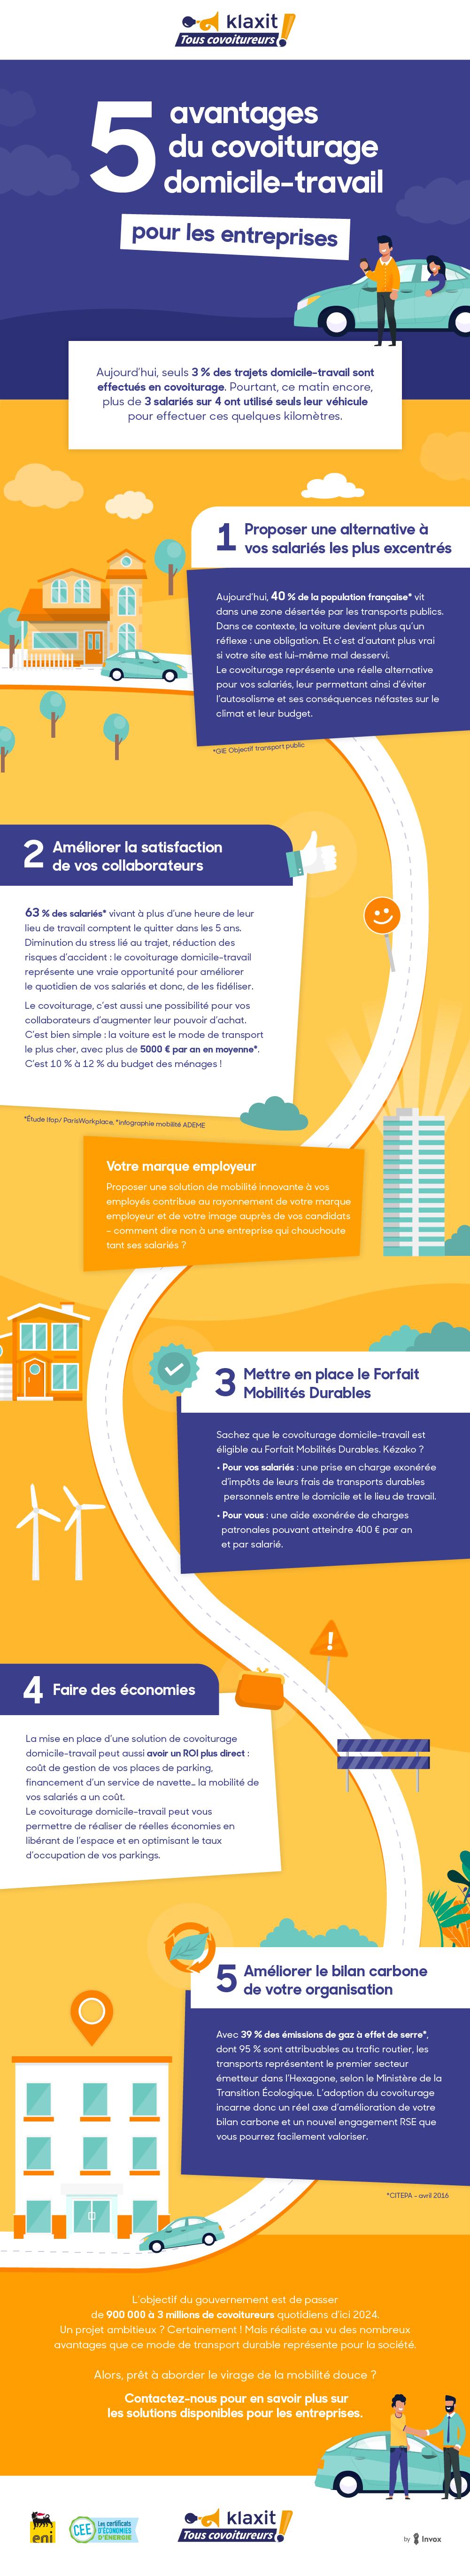 Les 5 avantages du covoiturage domicile-travail